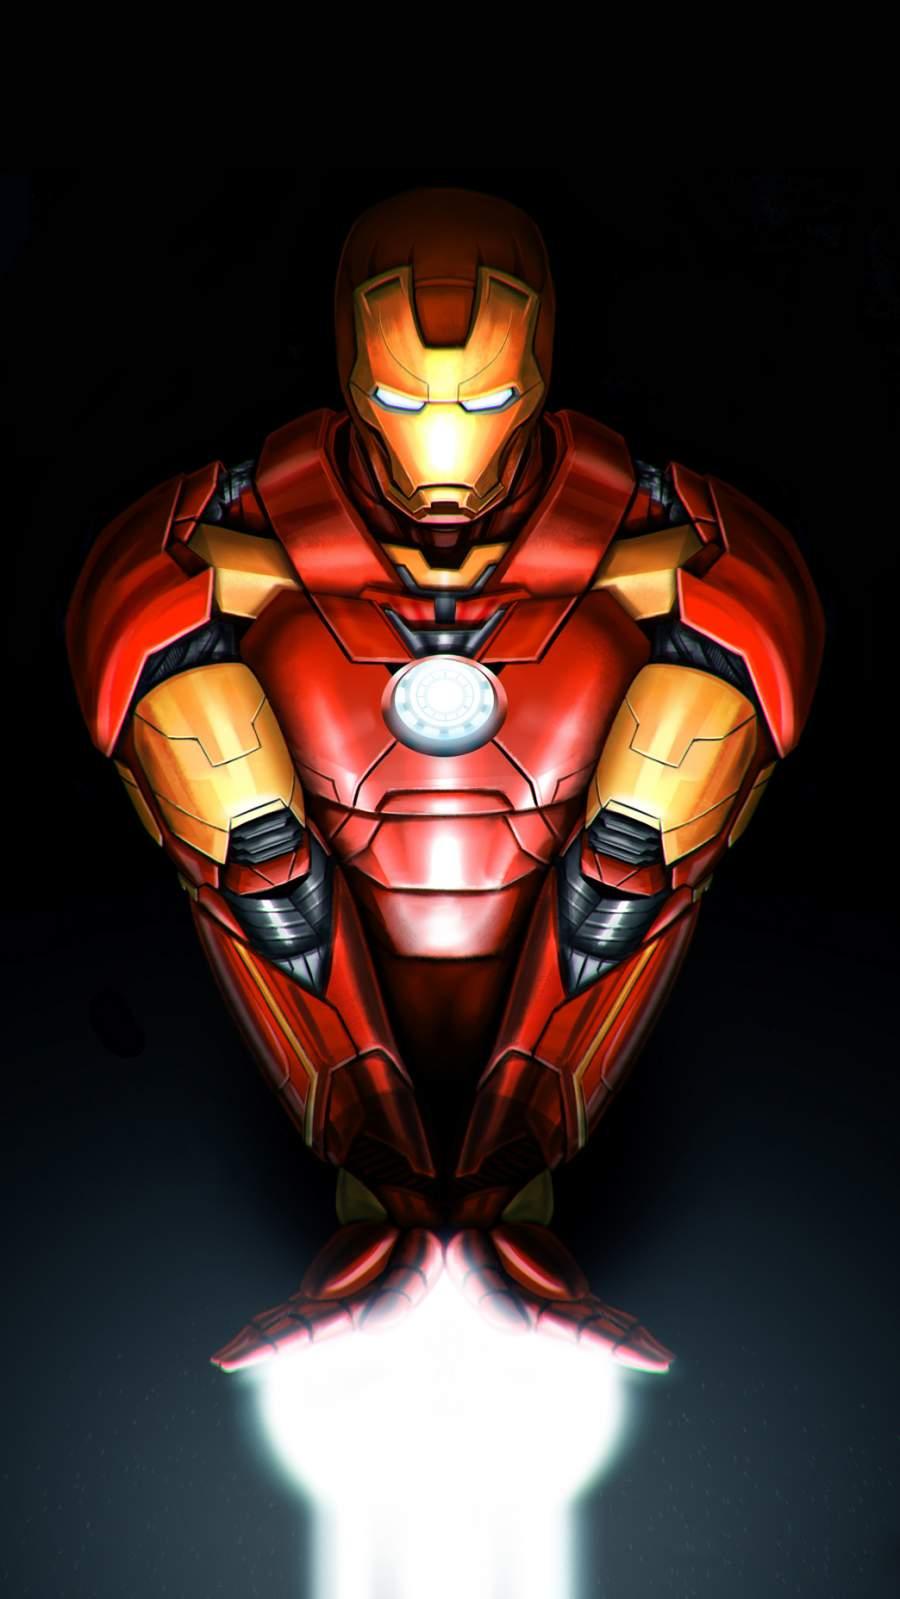 Iron Man Repulsor Arms iPhone Wallpaper